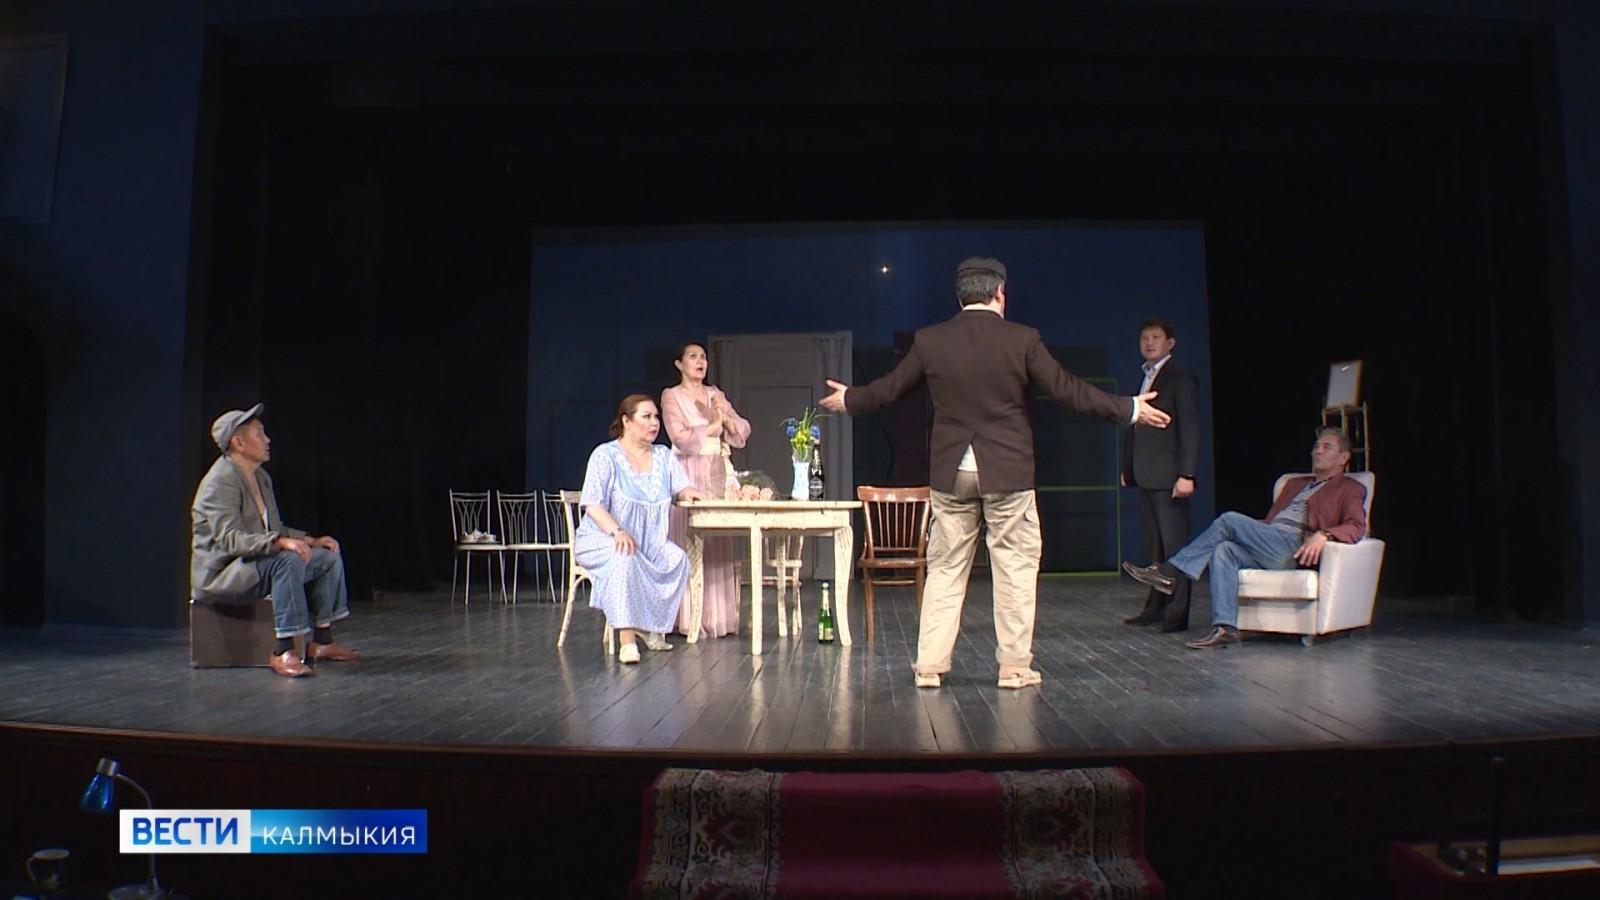 Республиканский русский театр драмы и комедии открыл 30 юбилейный сезон